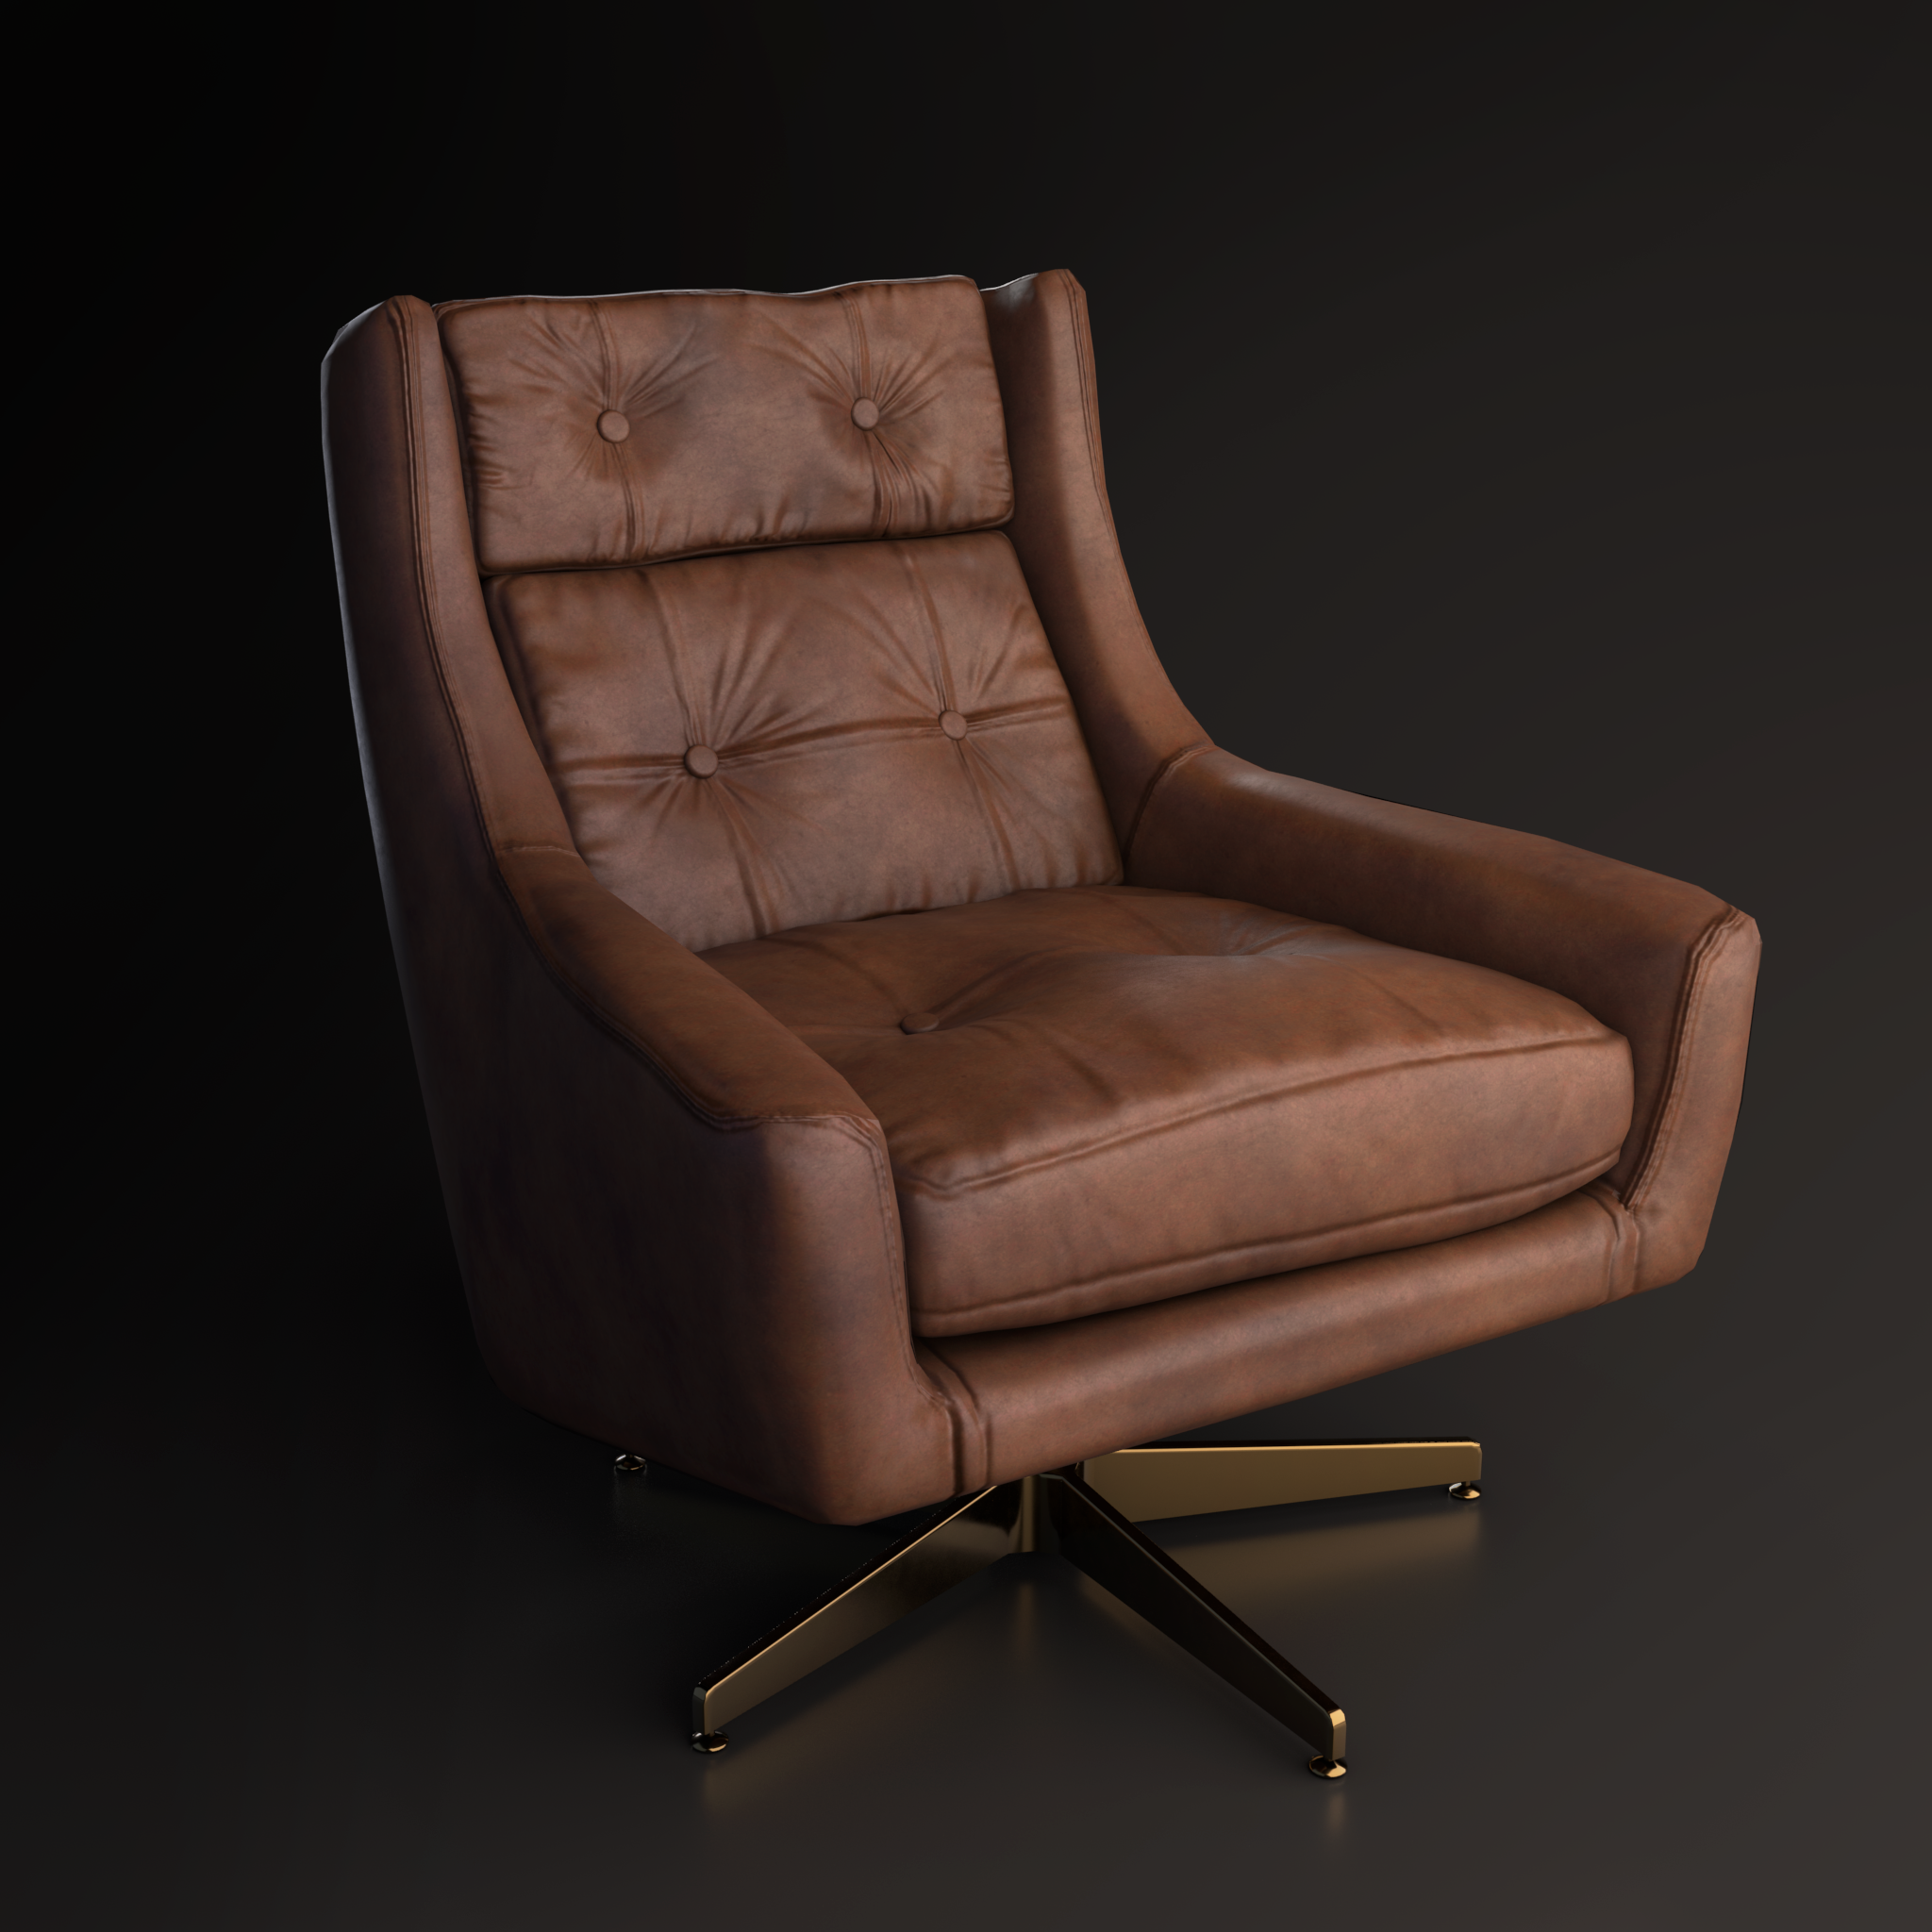 levAR RH Leather Chair Render